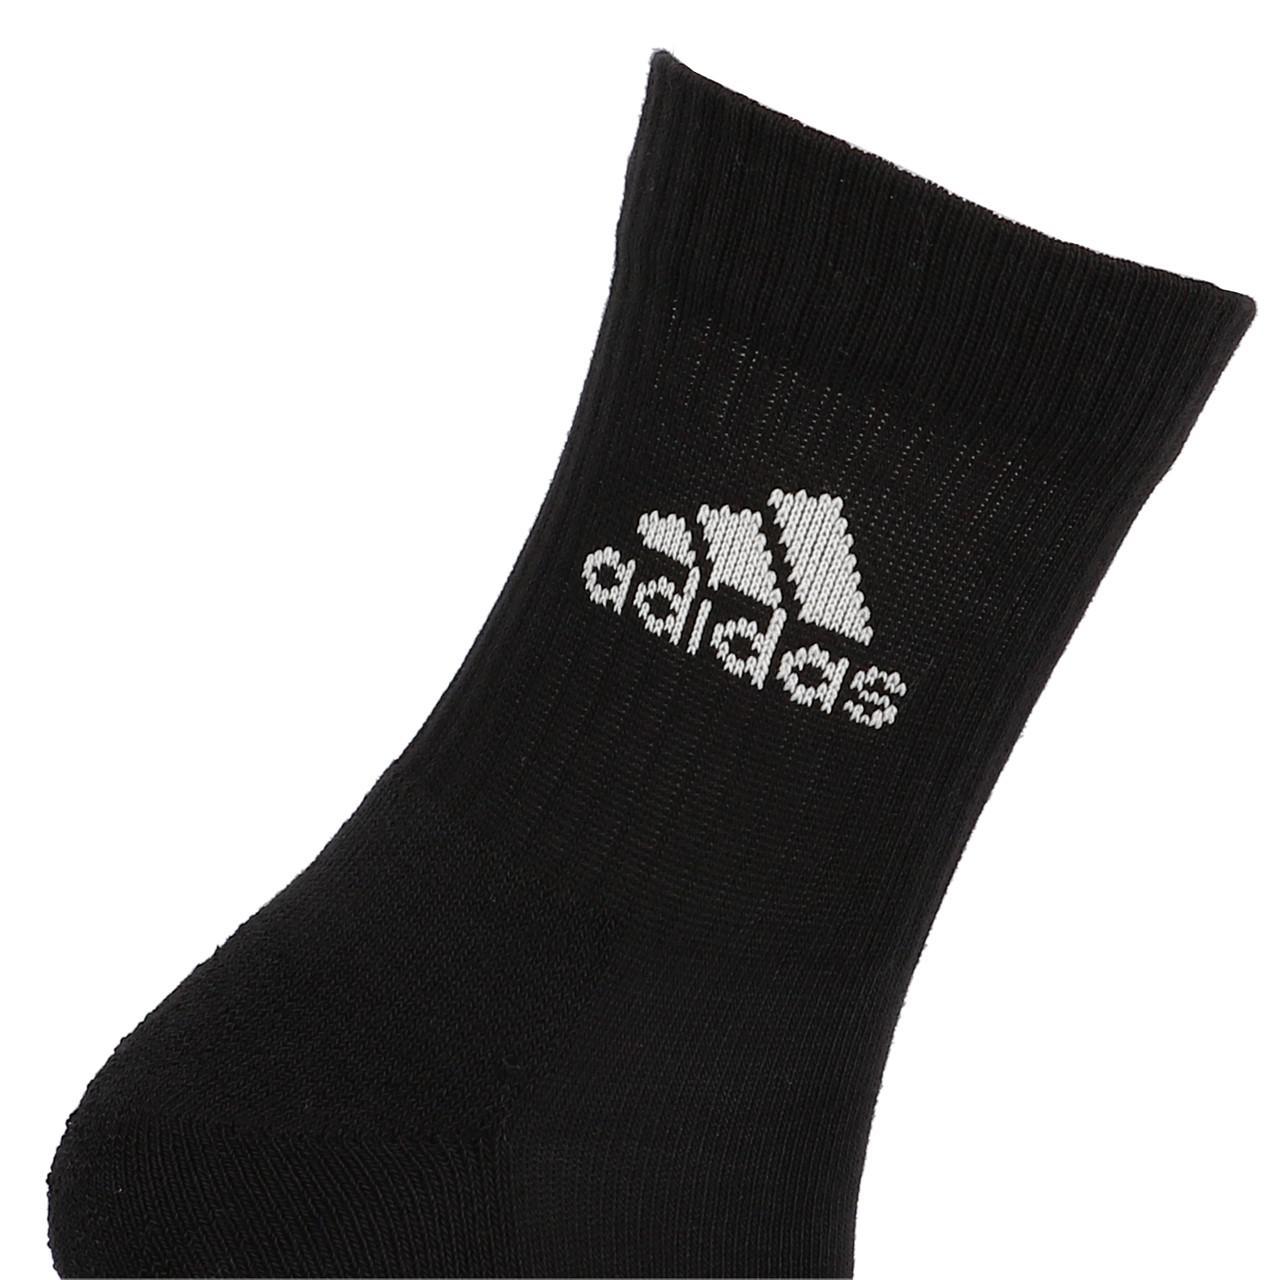 Socks-Adidas-3s-Perf-Crew-cho7-nr-3pp-Black-19055-New thumbnail 4